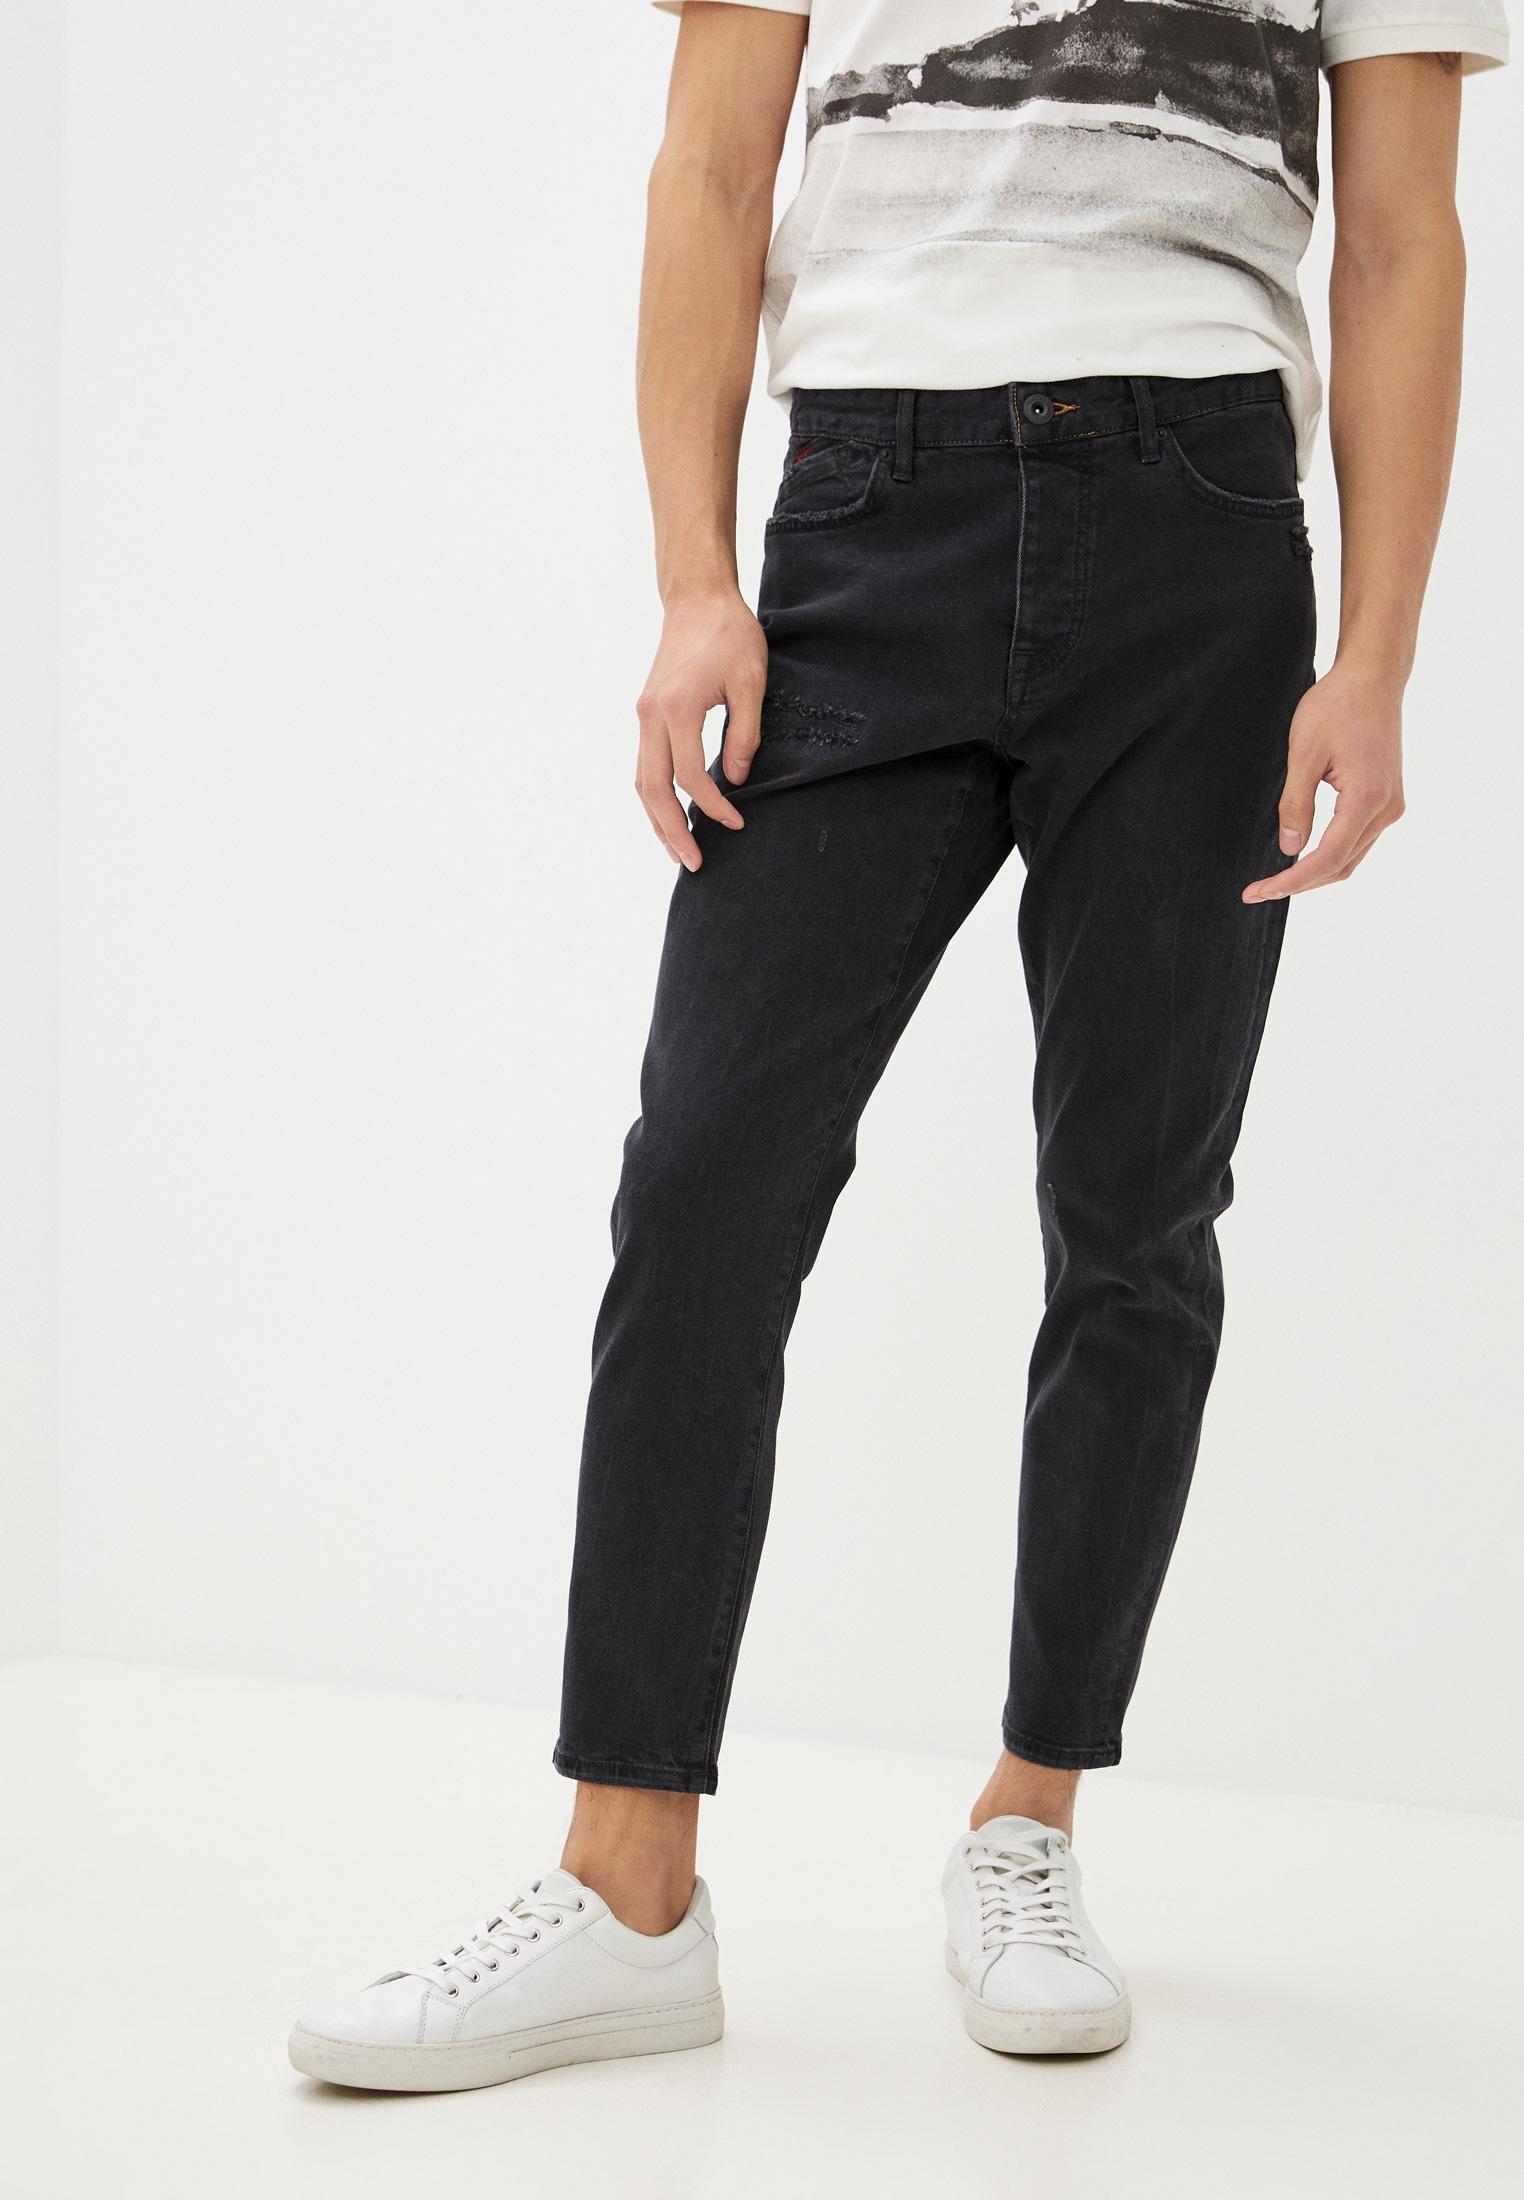 Зауженные джинсы Desigual (Дезигуаль) Джинсы Desigual